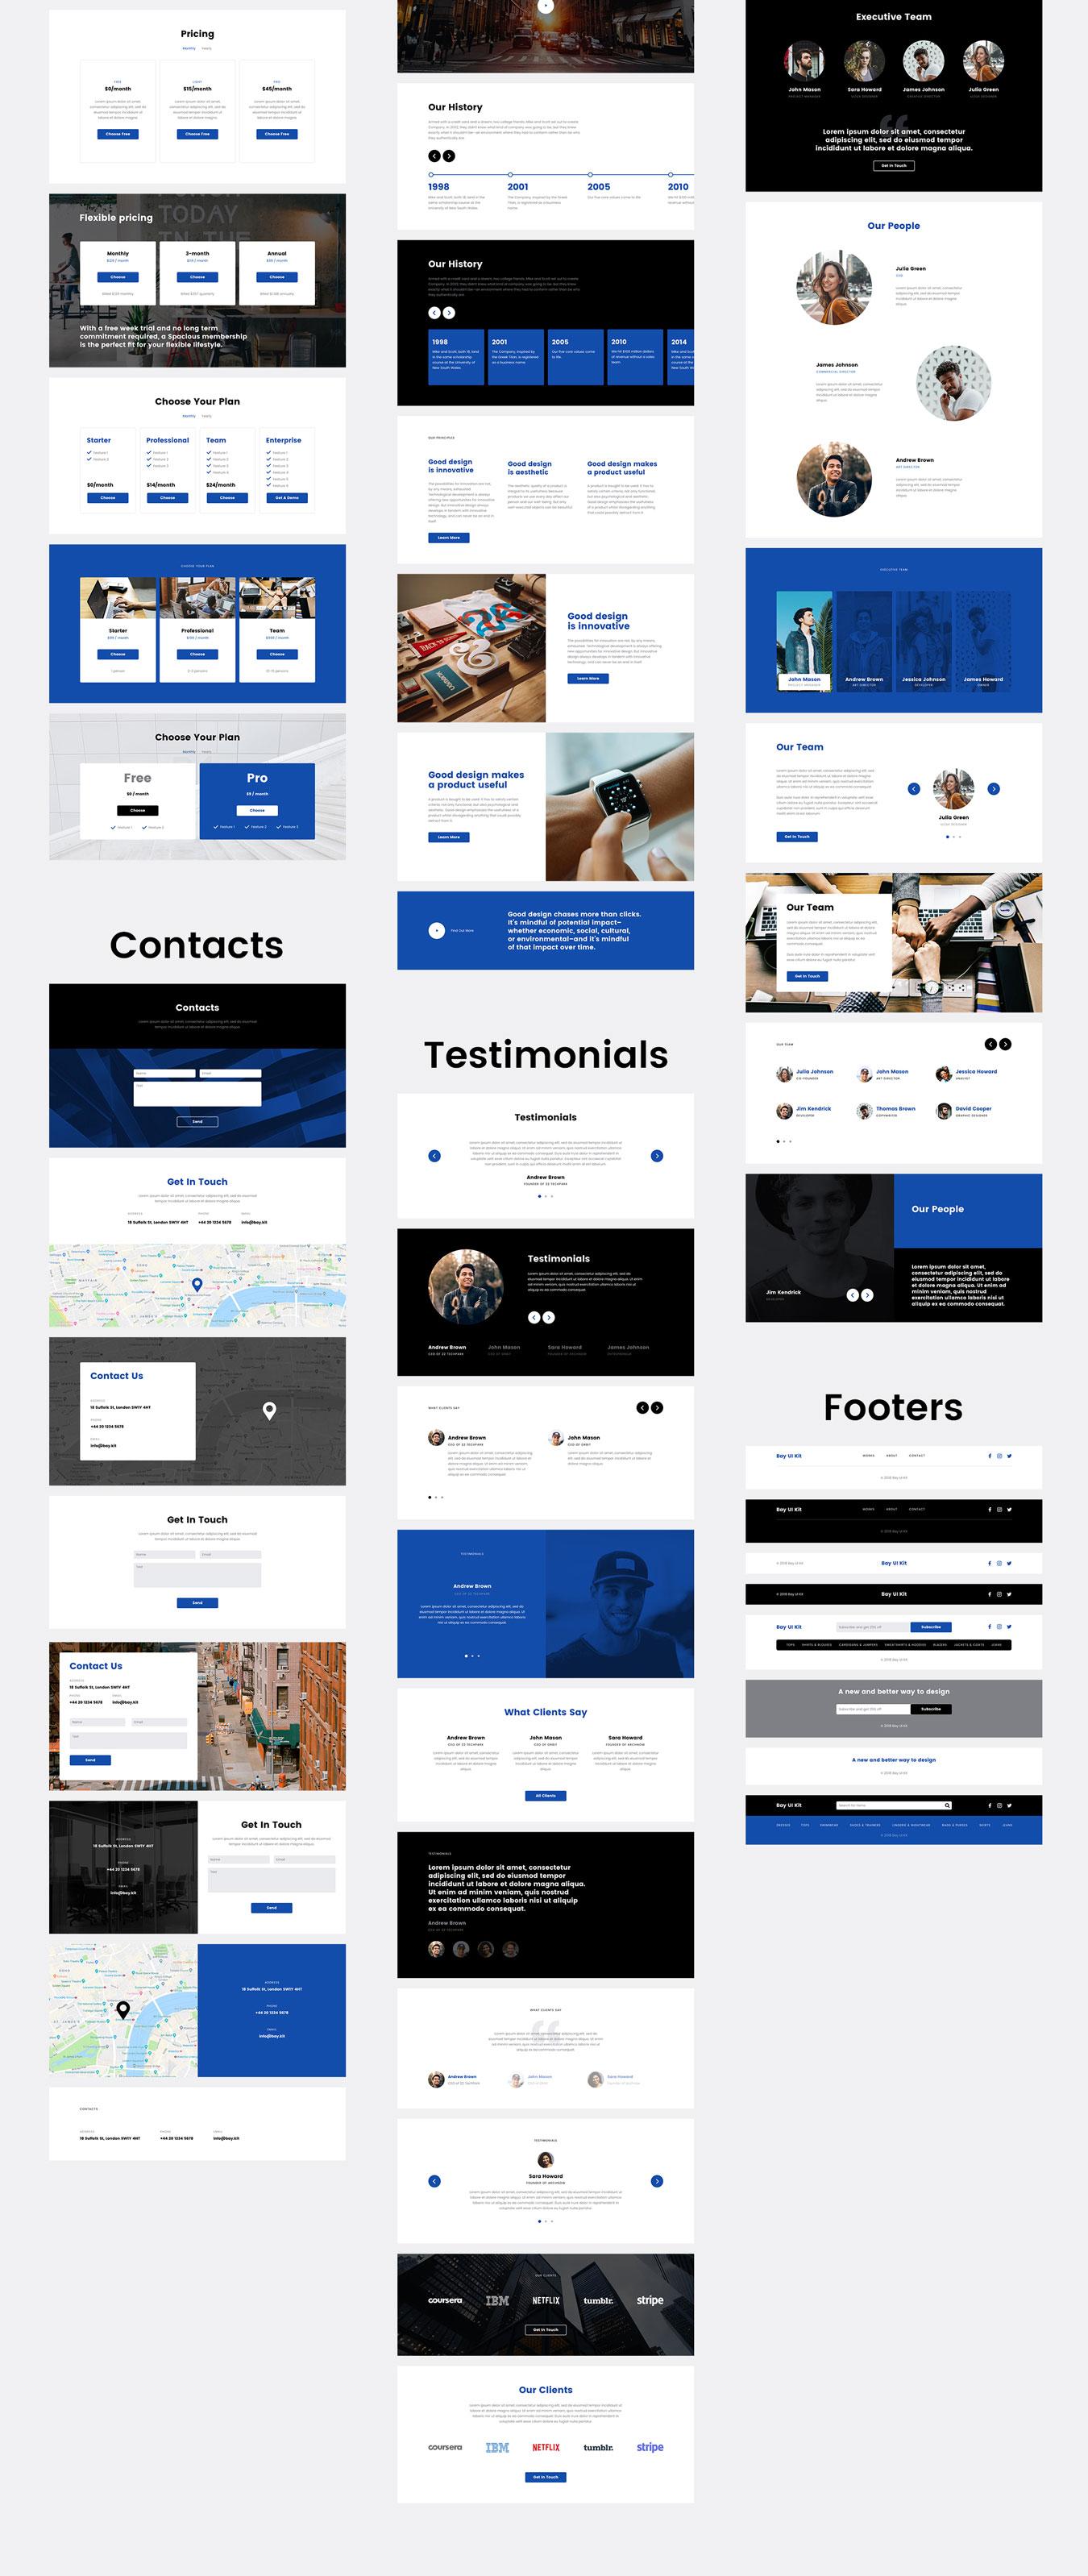 现代简约摄影设计工作室WEB网站UI界面设计模板 Bay UI Kit插图(7)